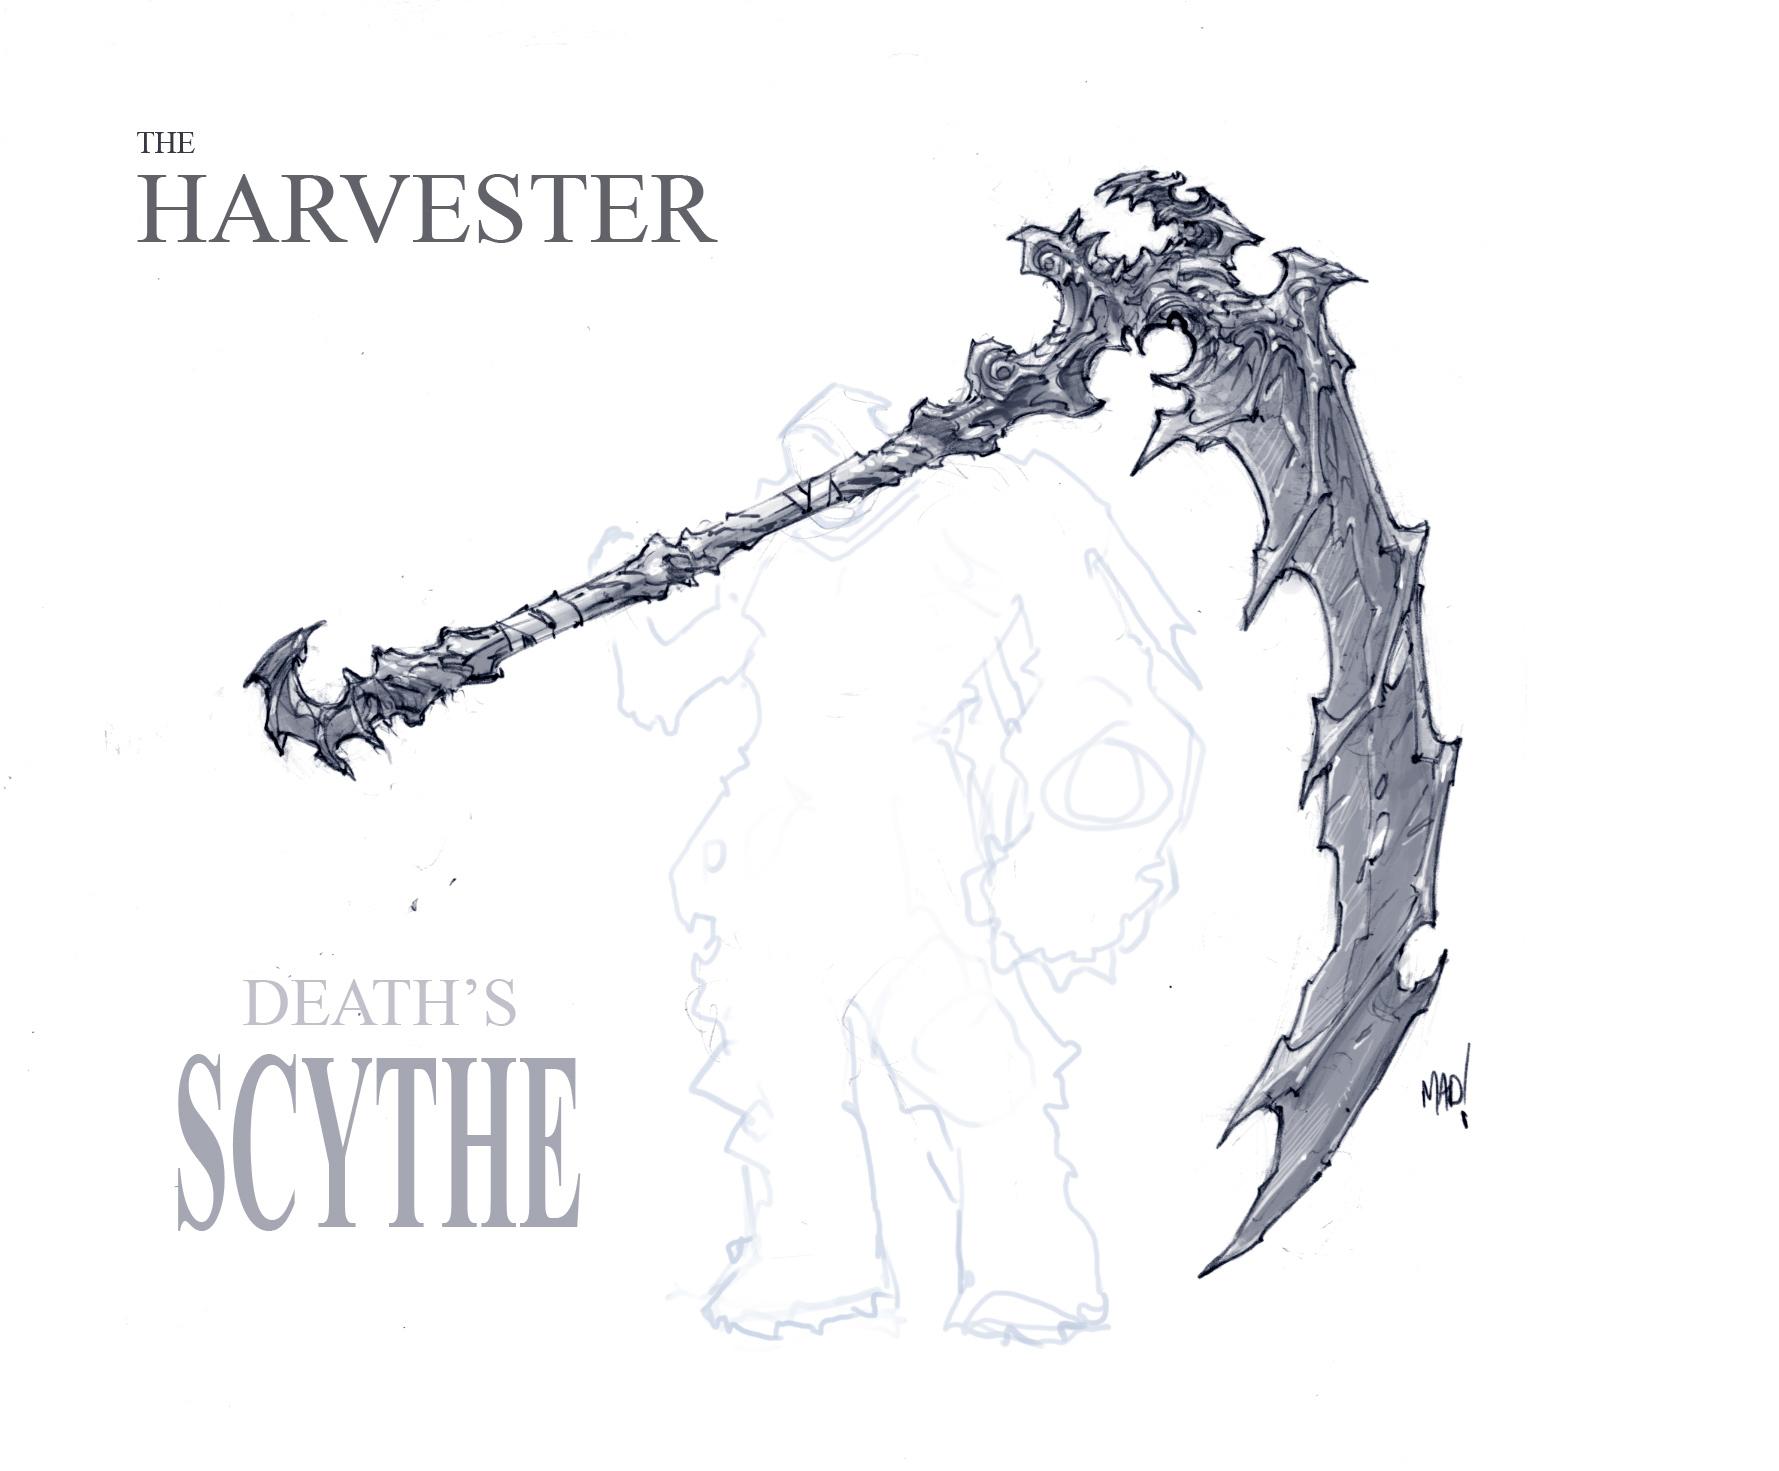 Drawn scythe wicked Wikia by Fandom Talk:The Darksiders